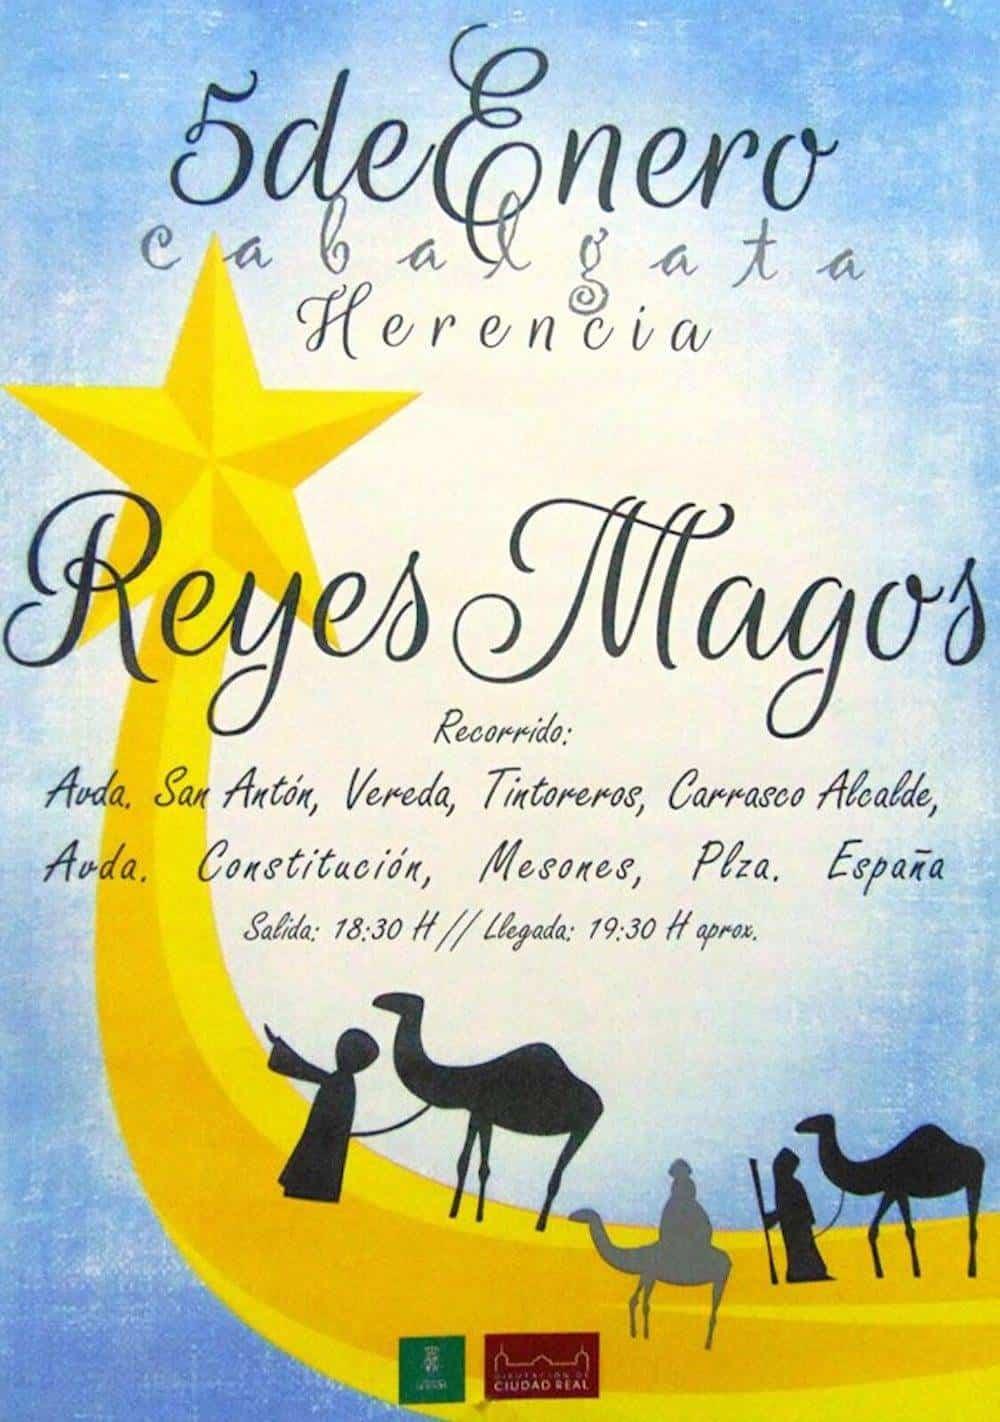 reyes magos 2017 herencia - La Cabalgata de los Reyes Magos recorrerá Herencia